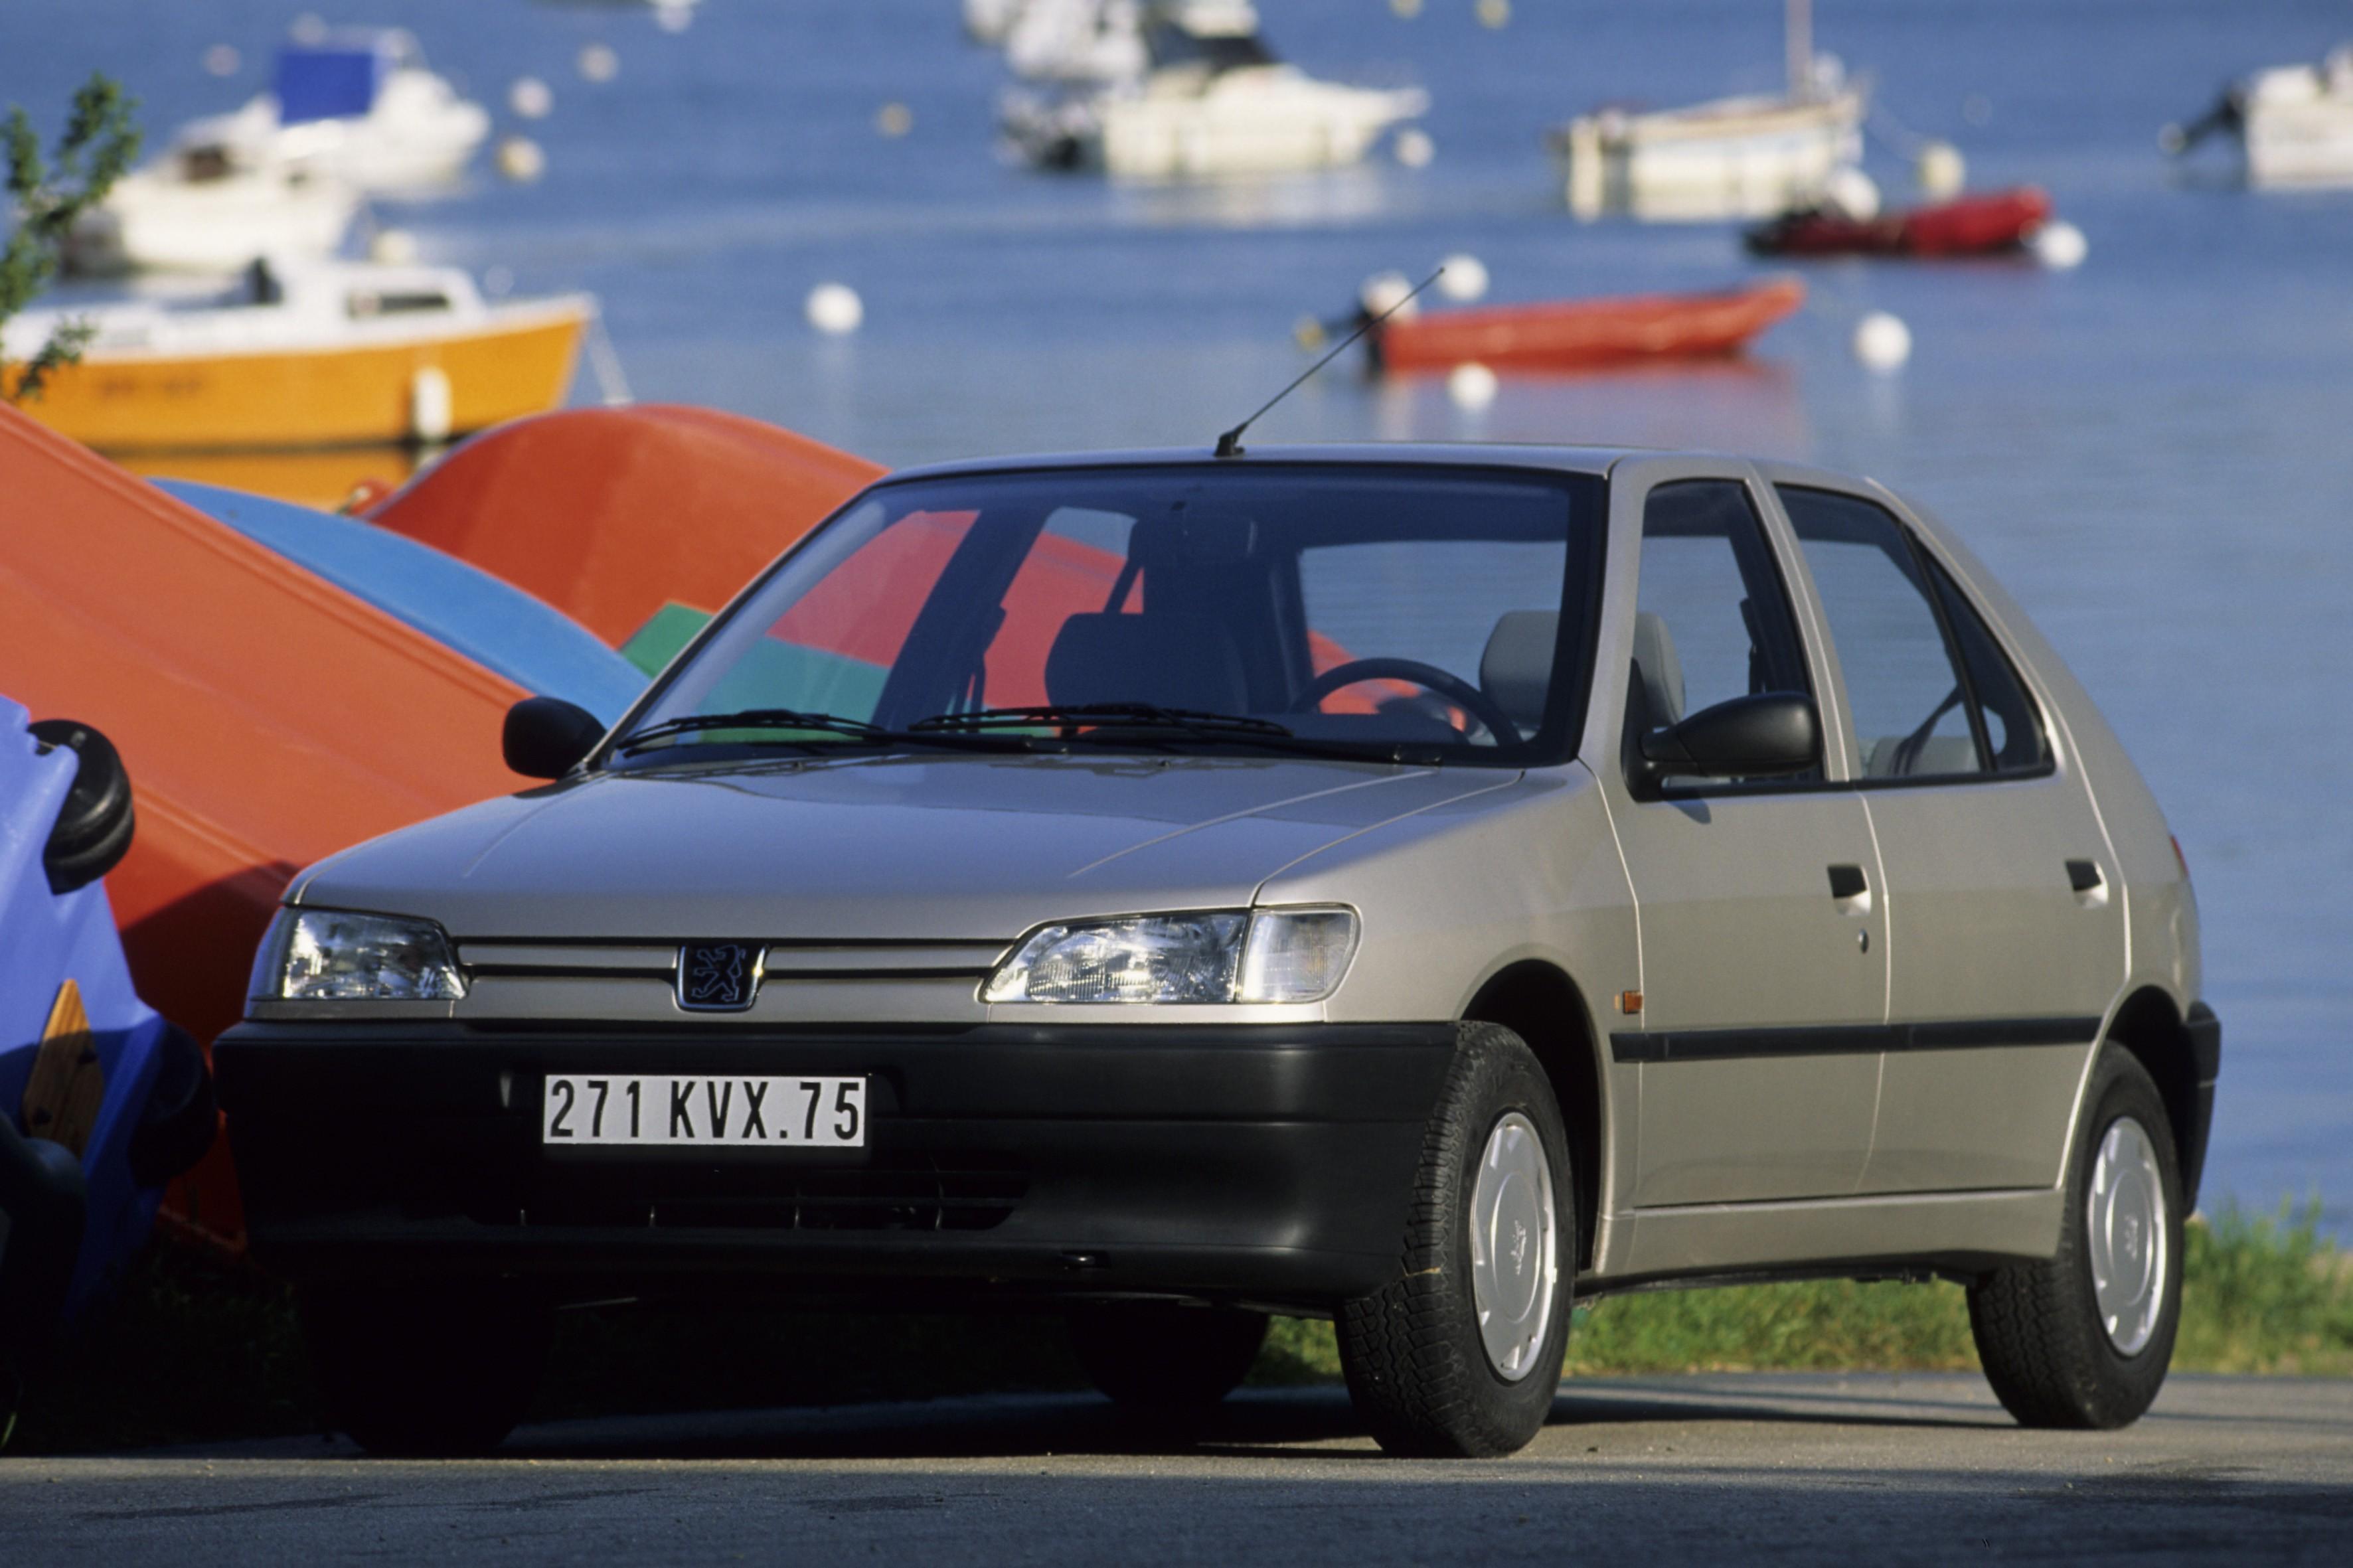 New Honda Civic >> PEUGEOT 306 5 doors specs - 1993, 1994, 1995, 1996, 1997 - autoevolution